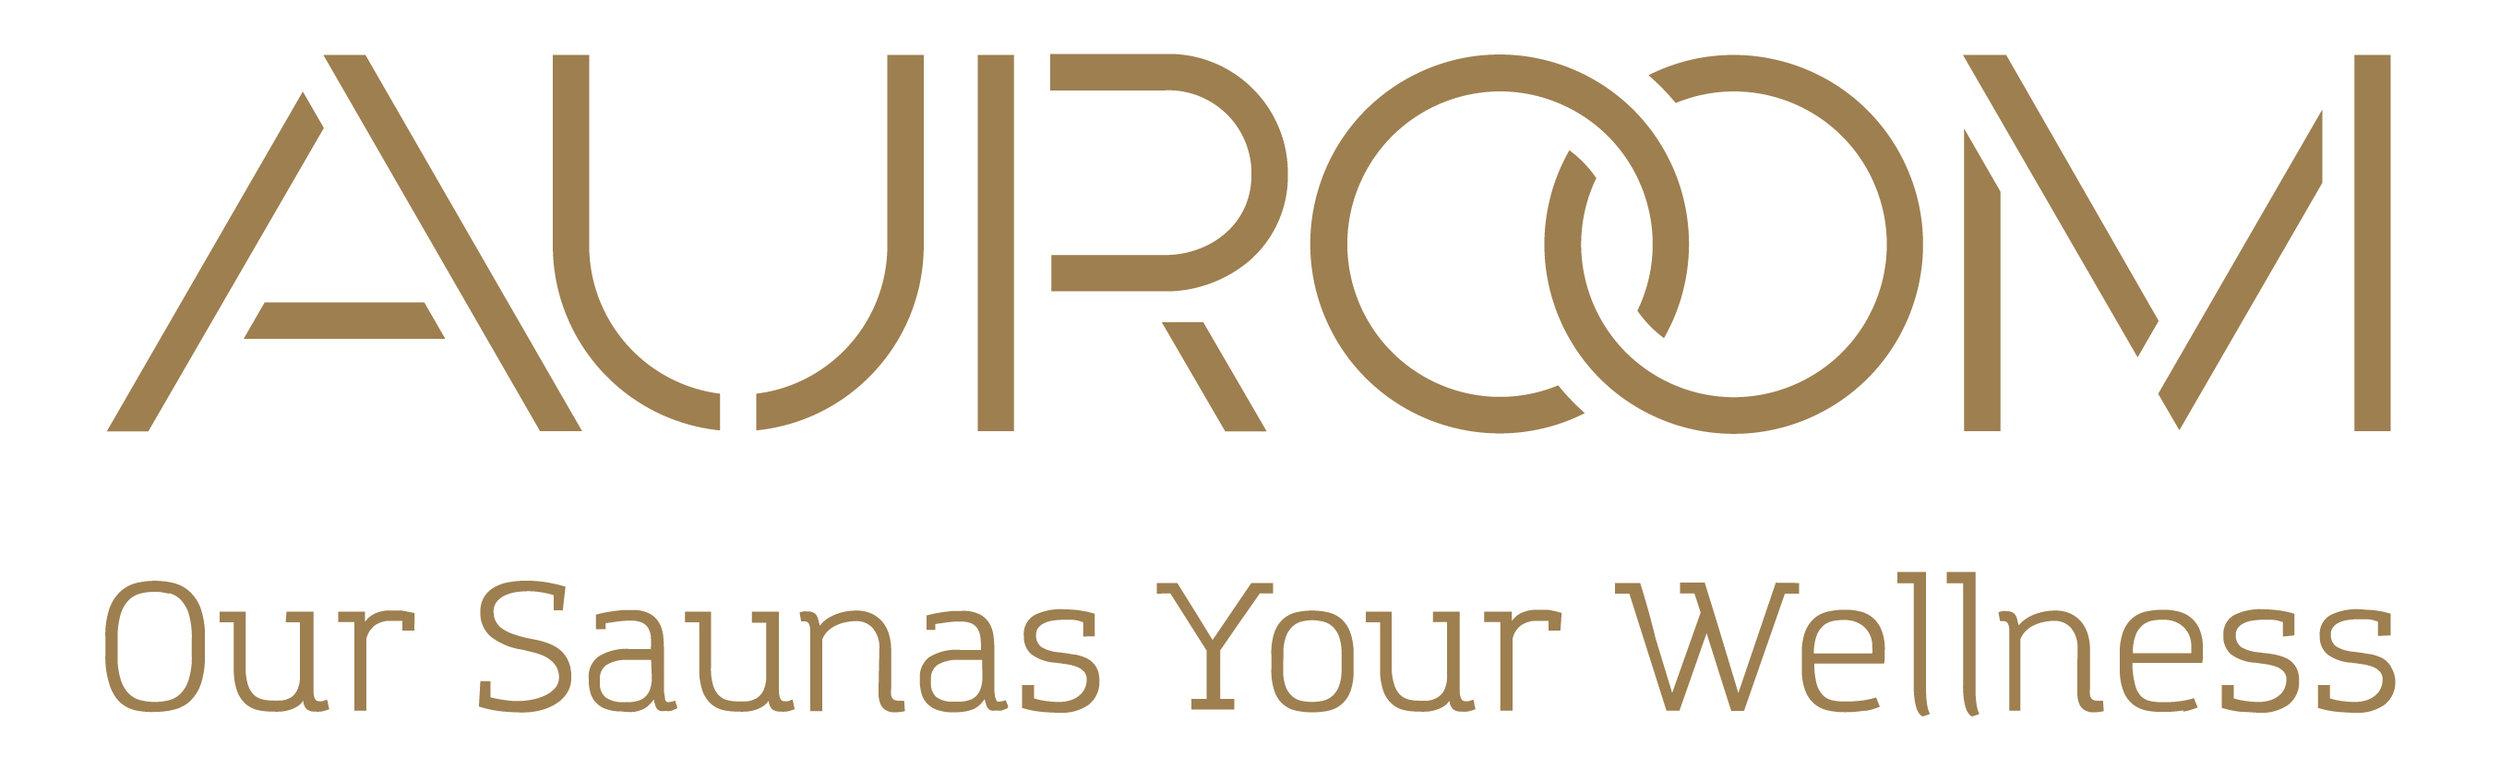 Auroom-logo-01.jpg